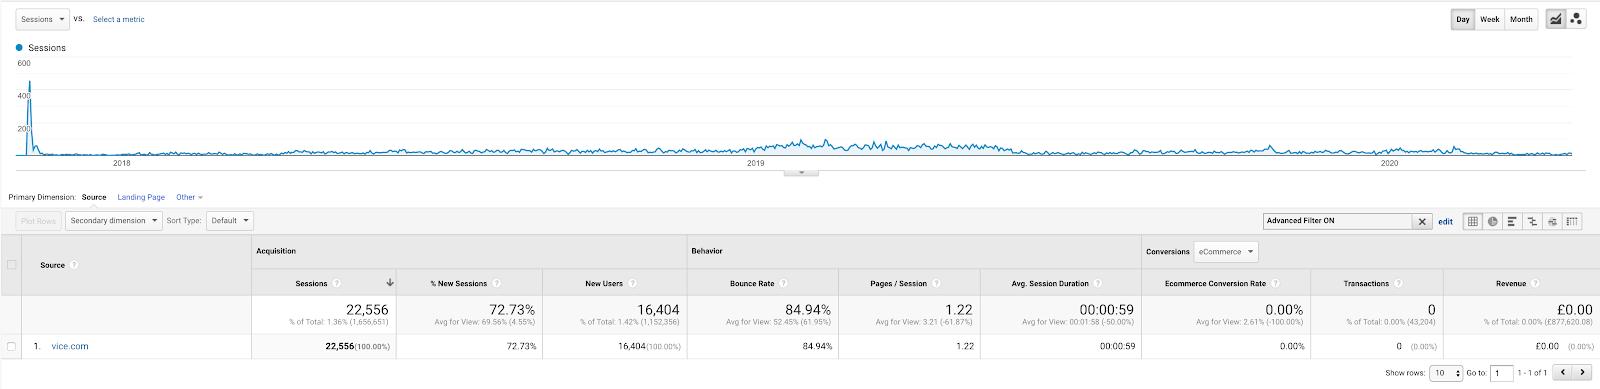 i backlink portano traffico al tuo sito web